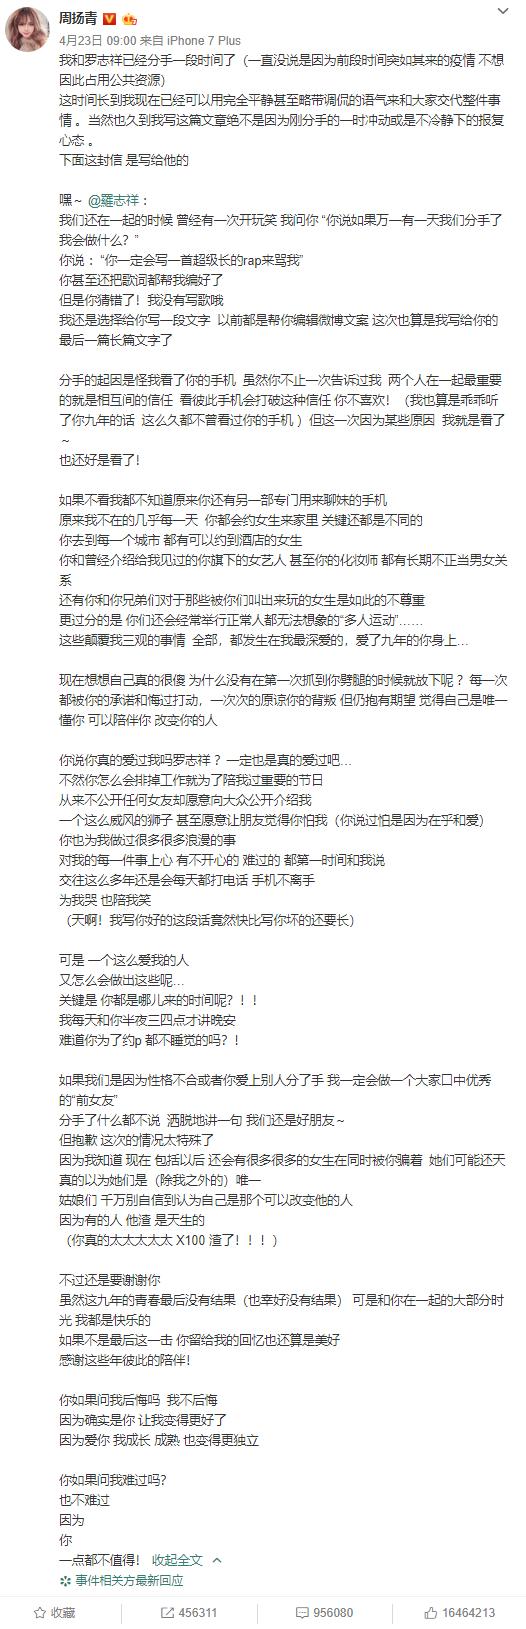 周扬青微博罗志祥分手原因